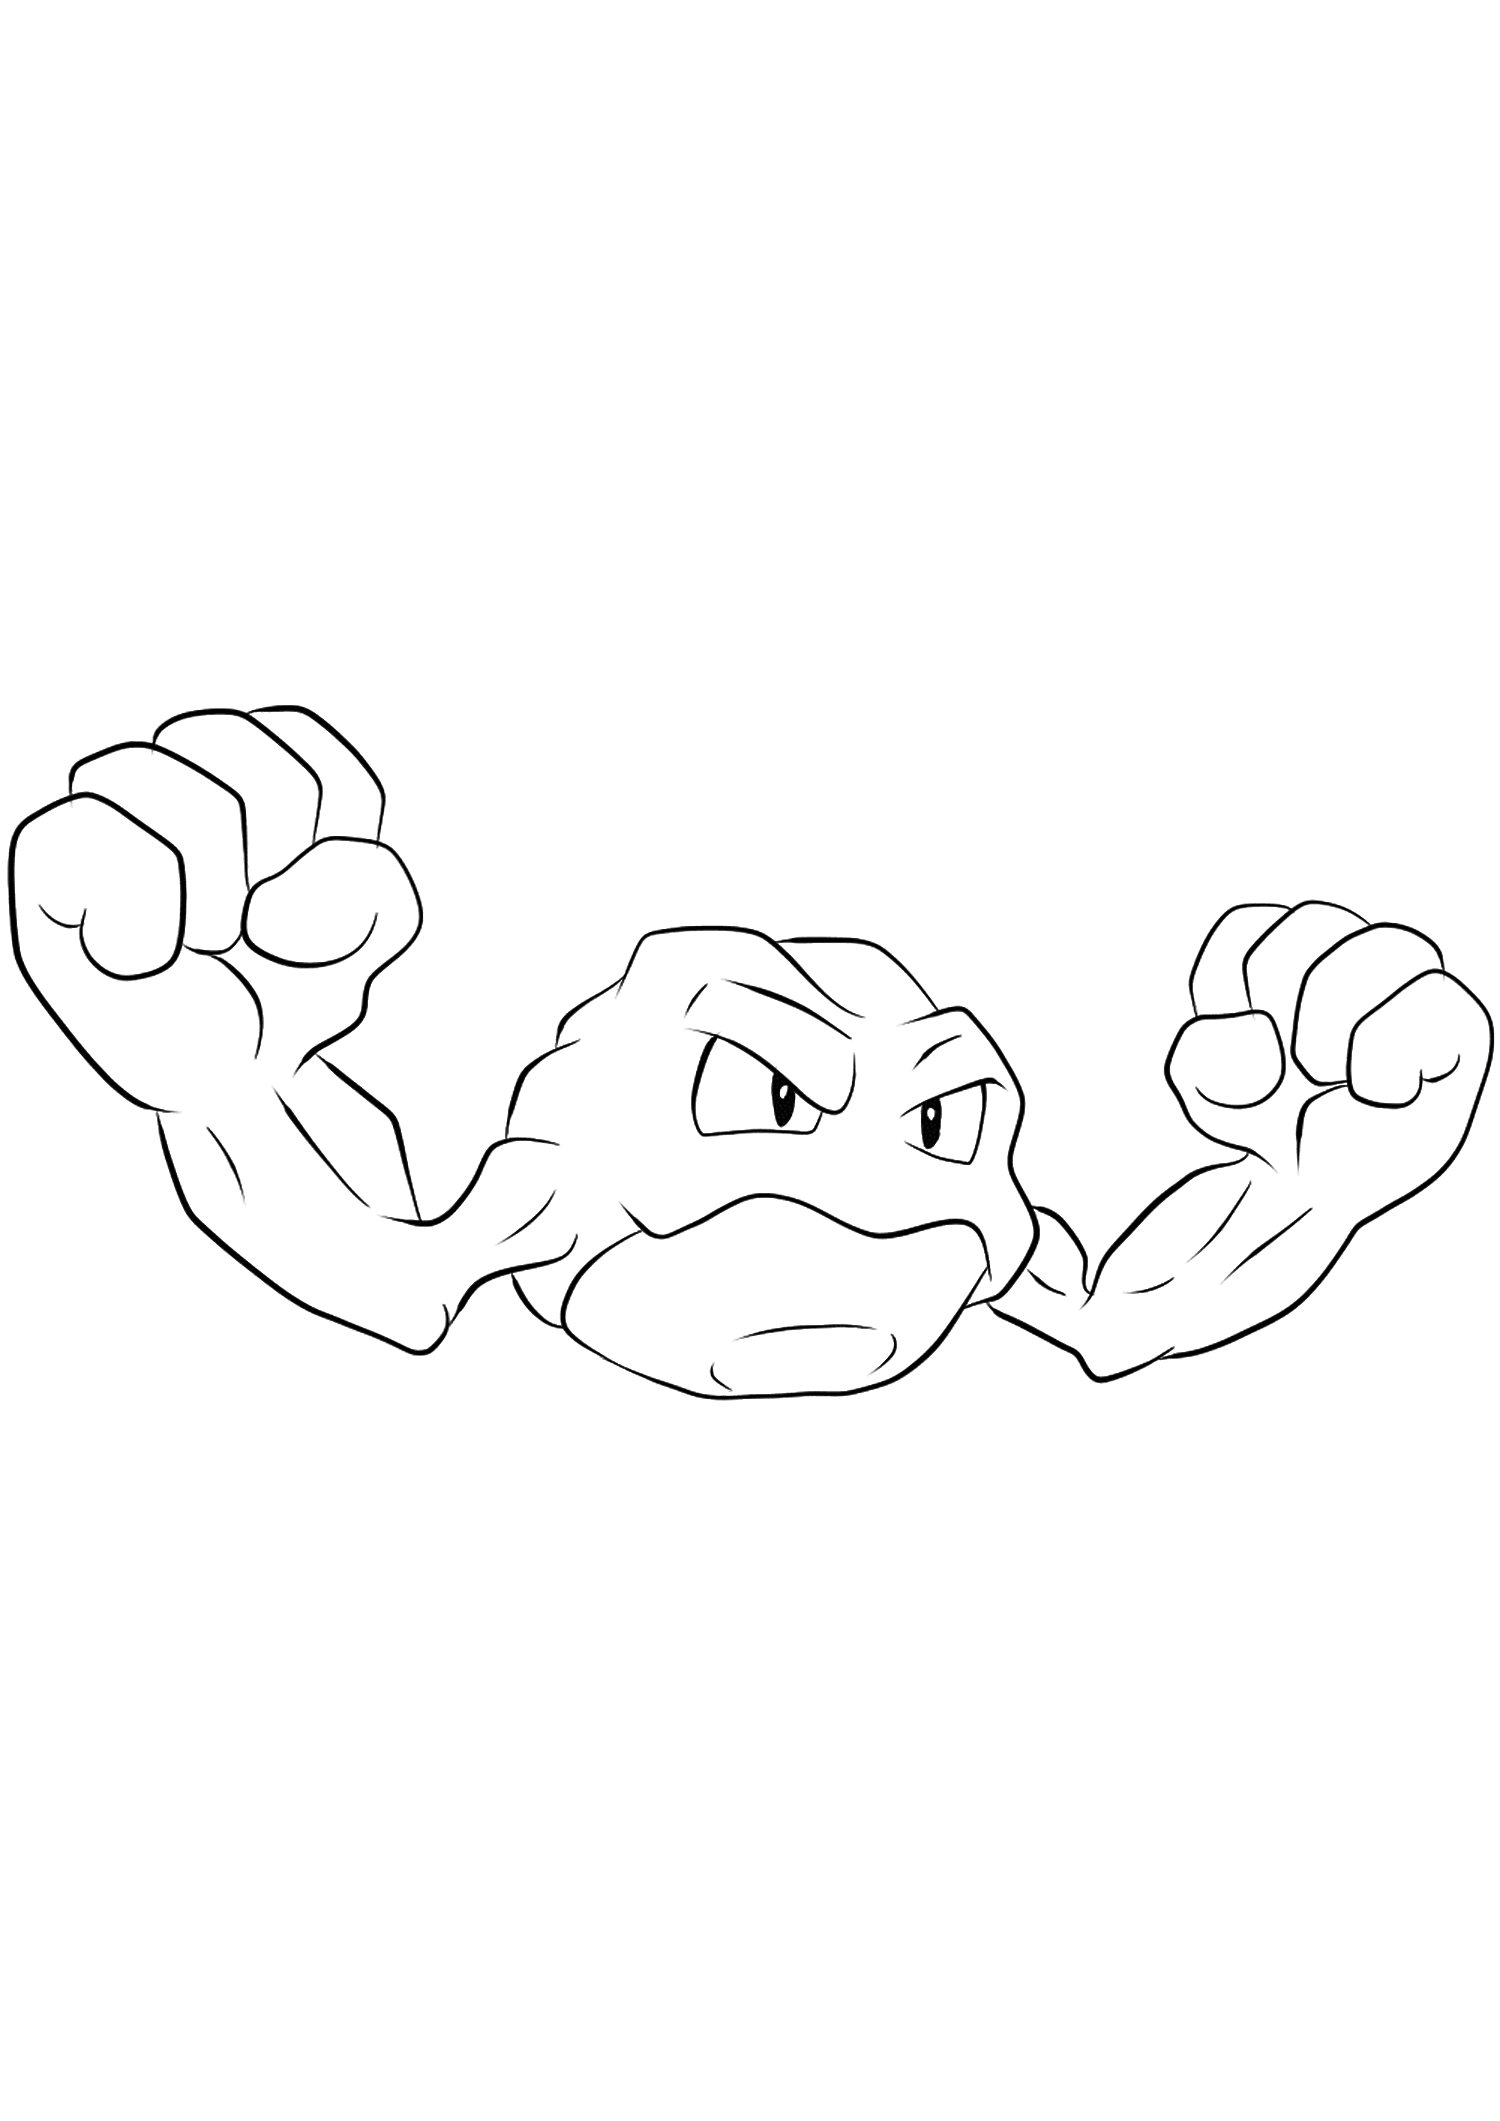 <b>Racaillou</b> (No.74) : Pokémon de génération I